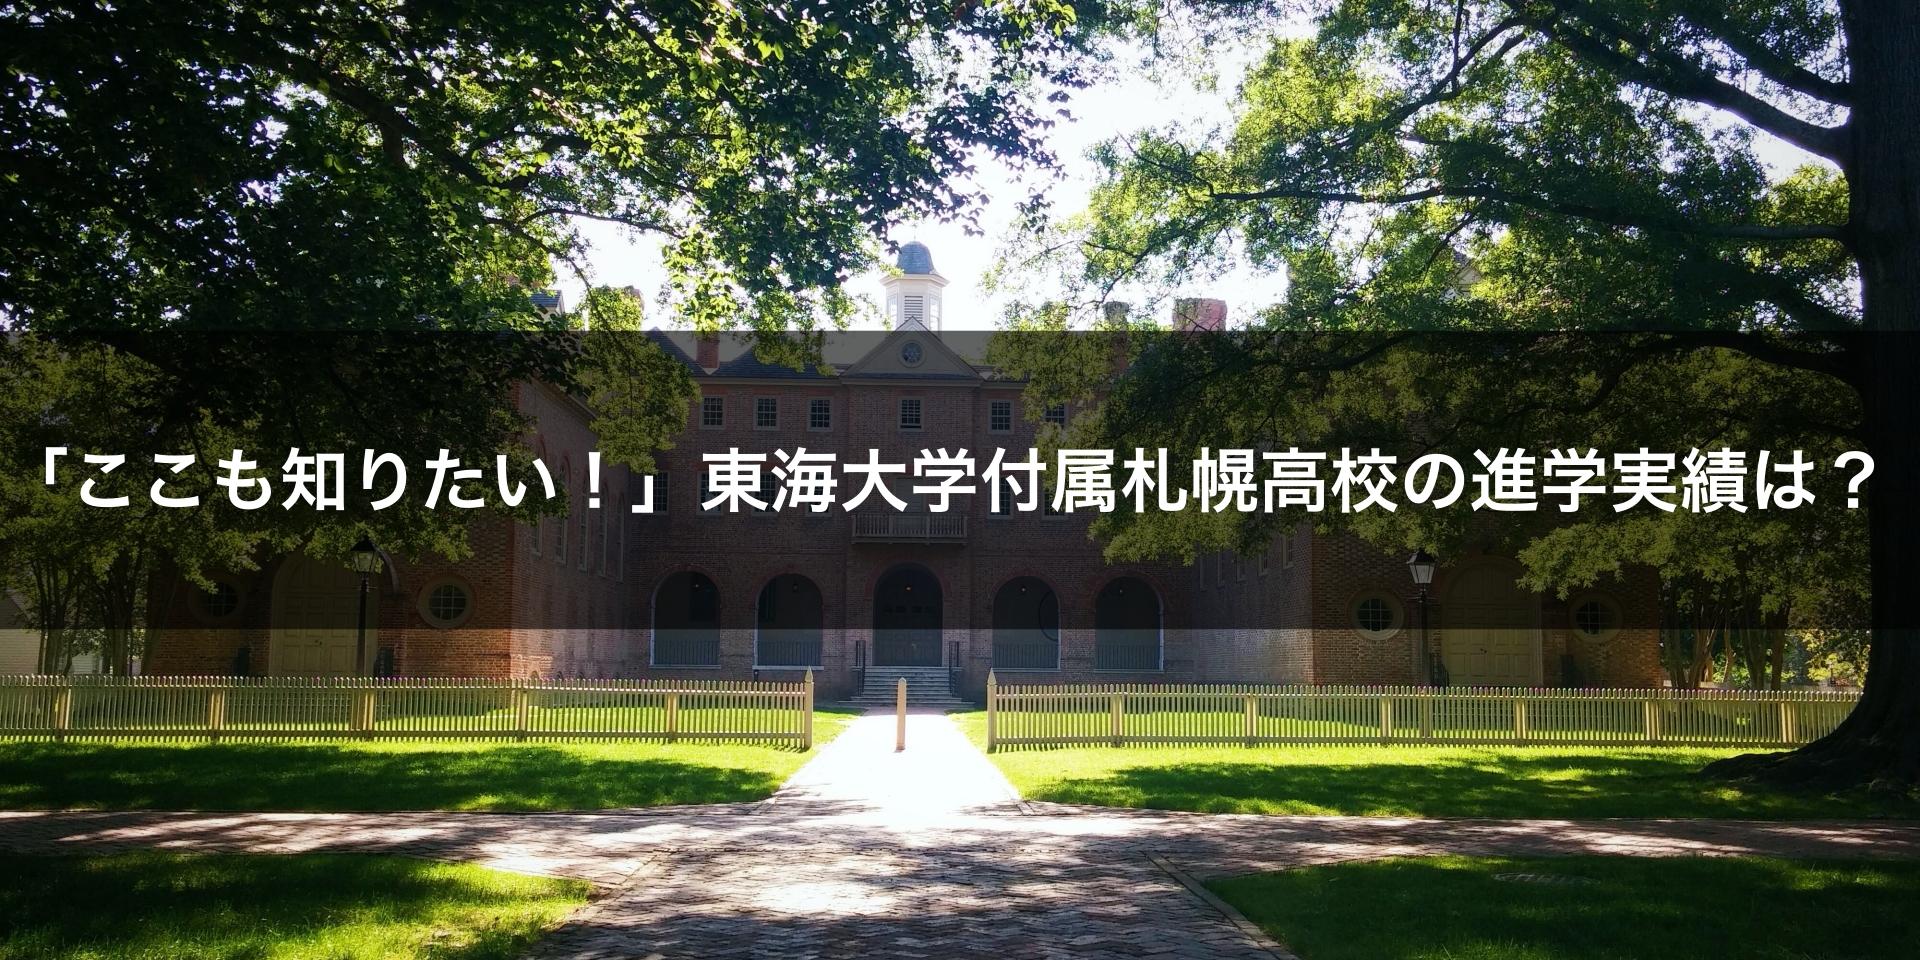 東海大学付属札幌高校の進学実績は?